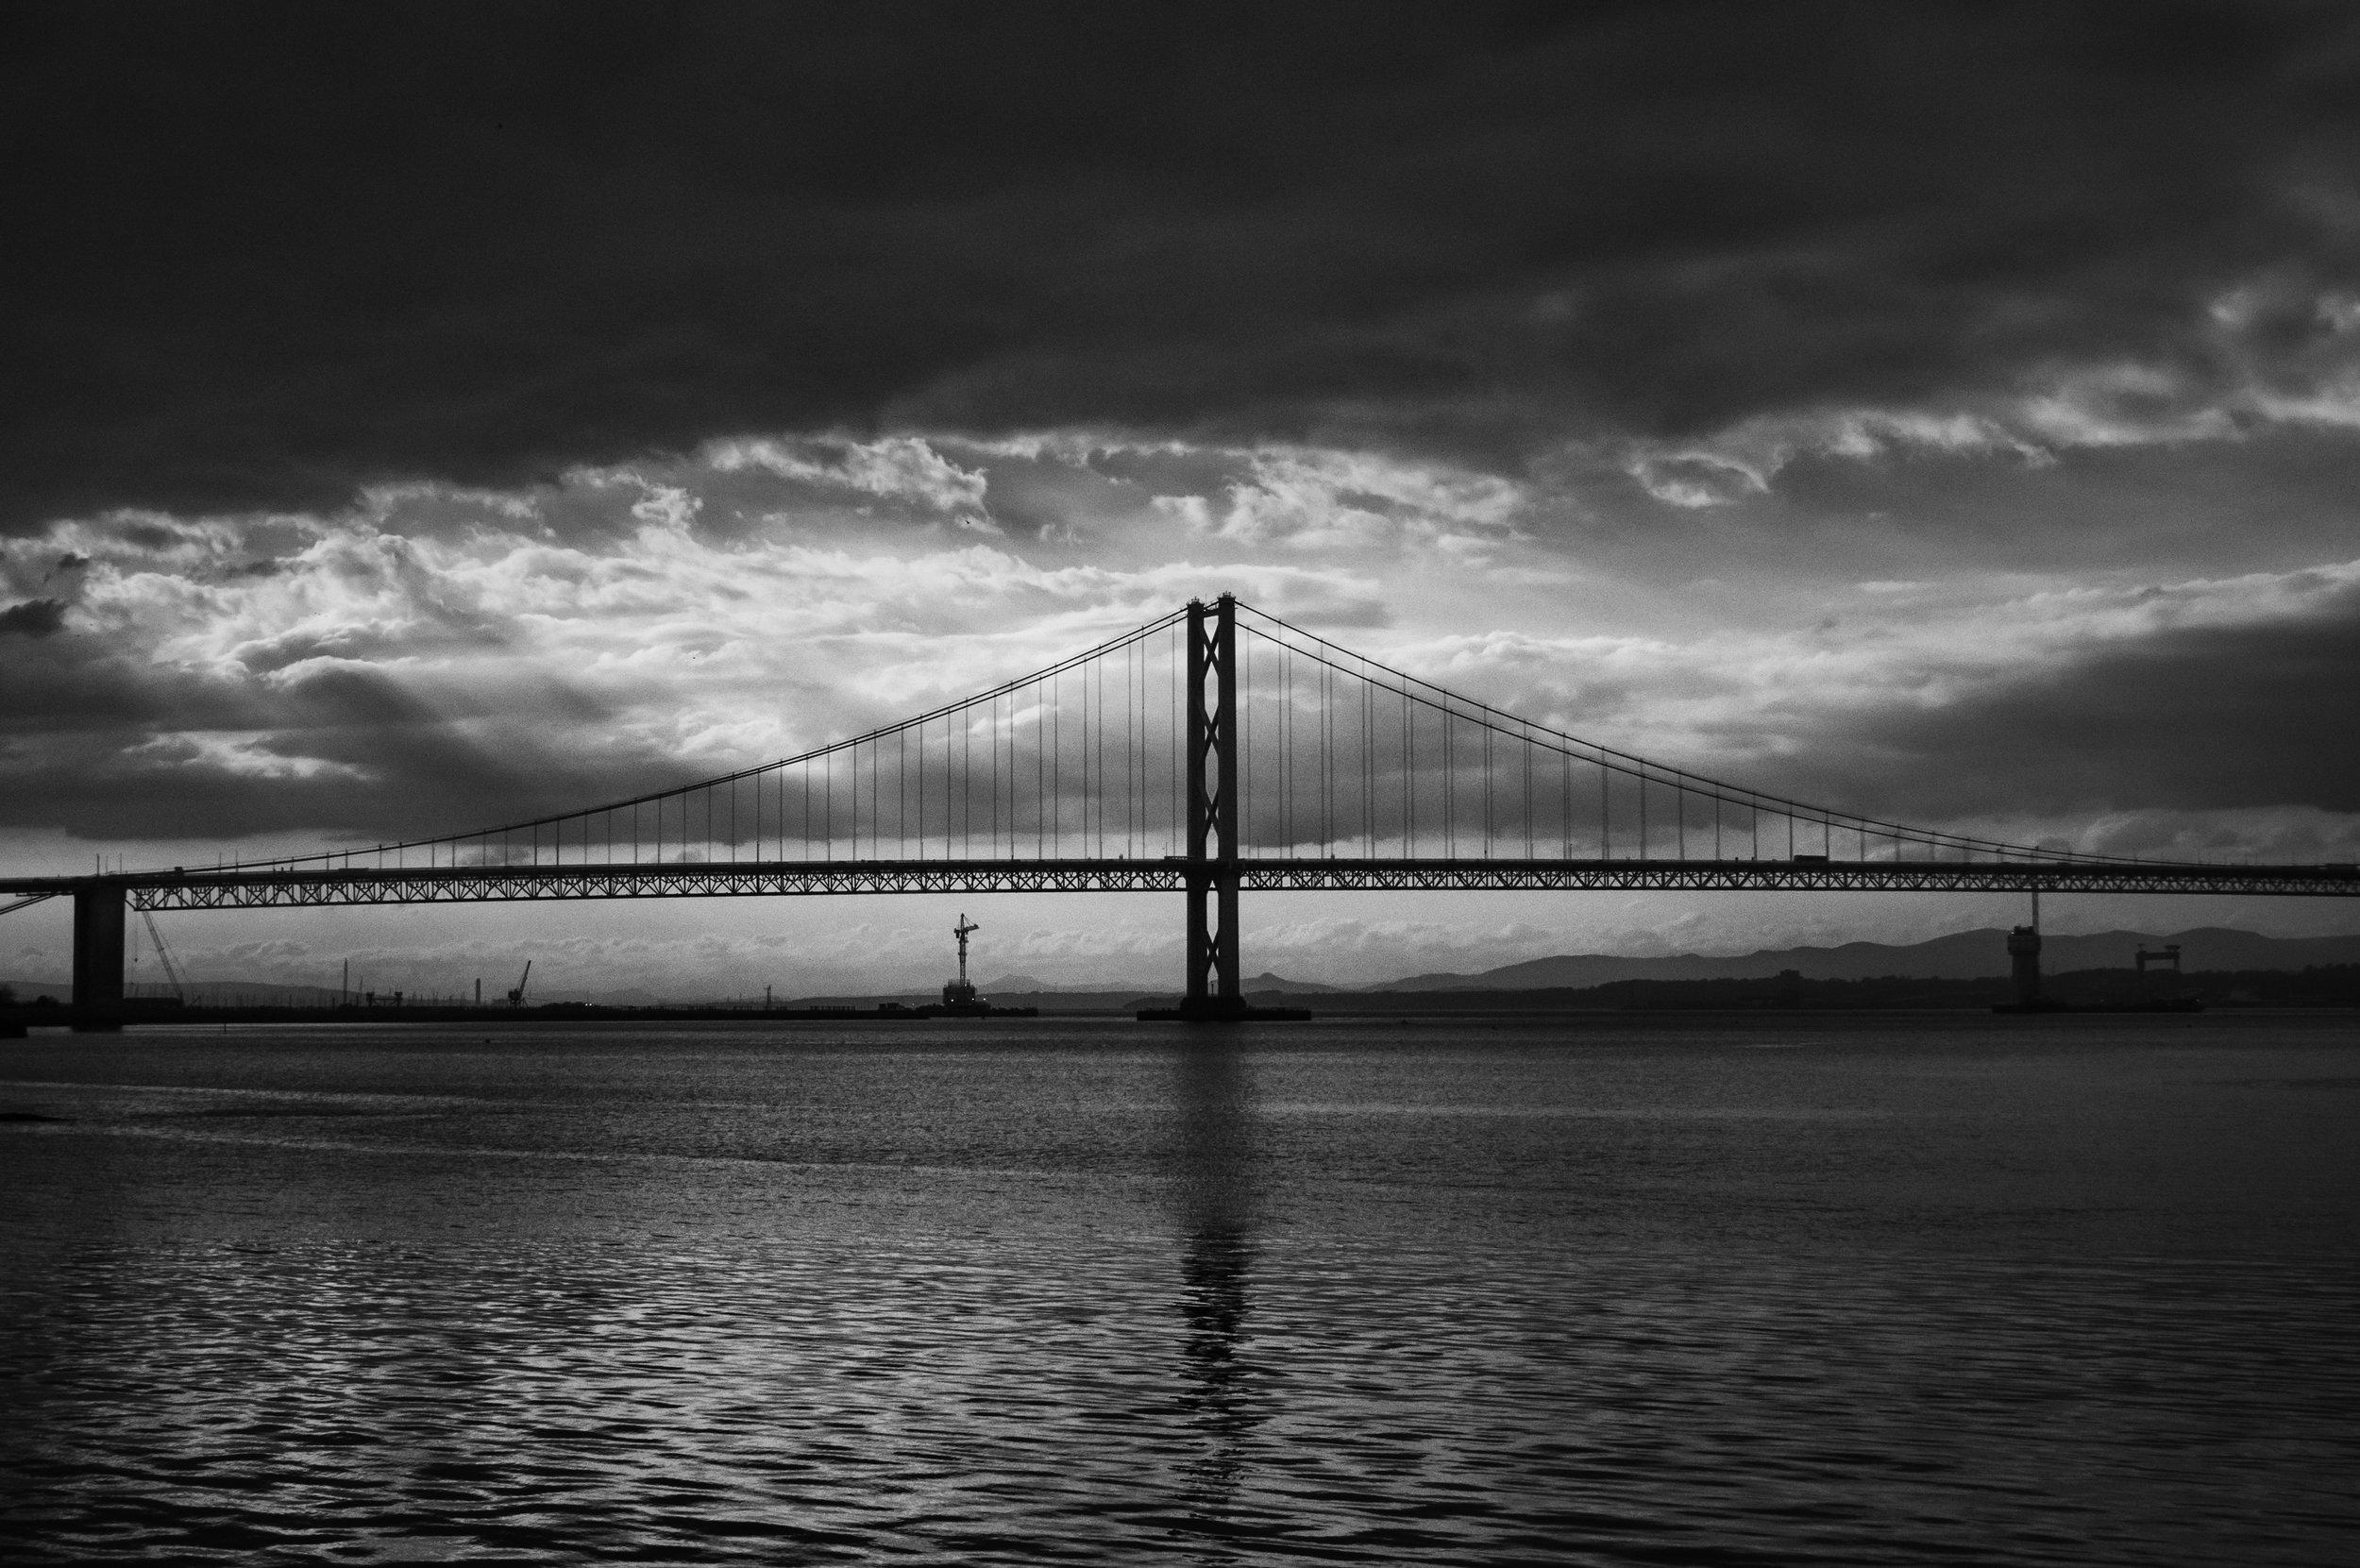 Queensferry Bridge - 2014 - DSC_1328-Edit.jpg